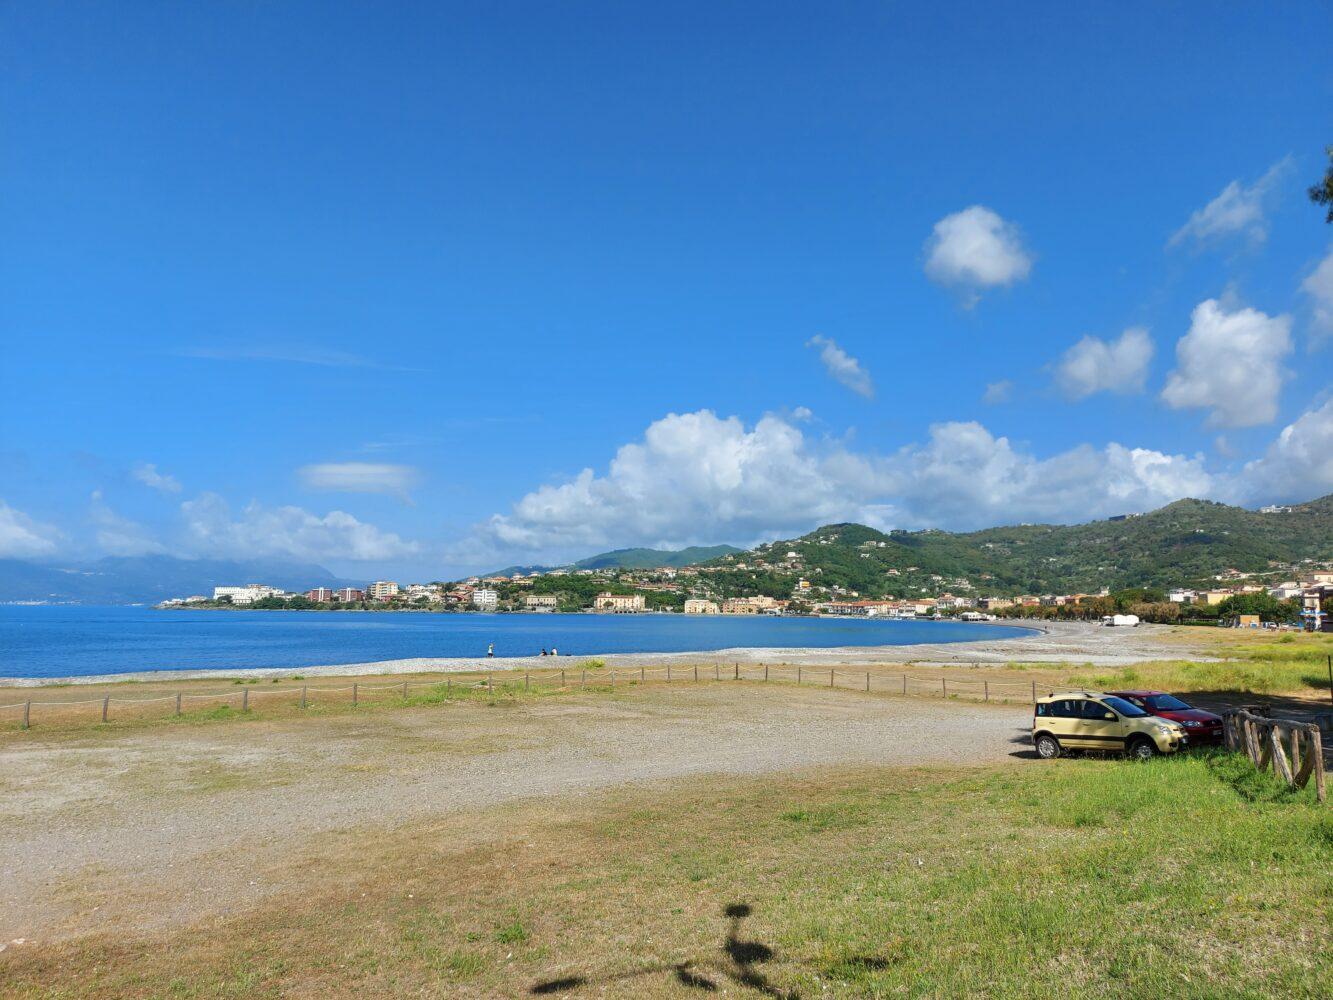 spiaggia san giorgio Sapri spiagge di sapri